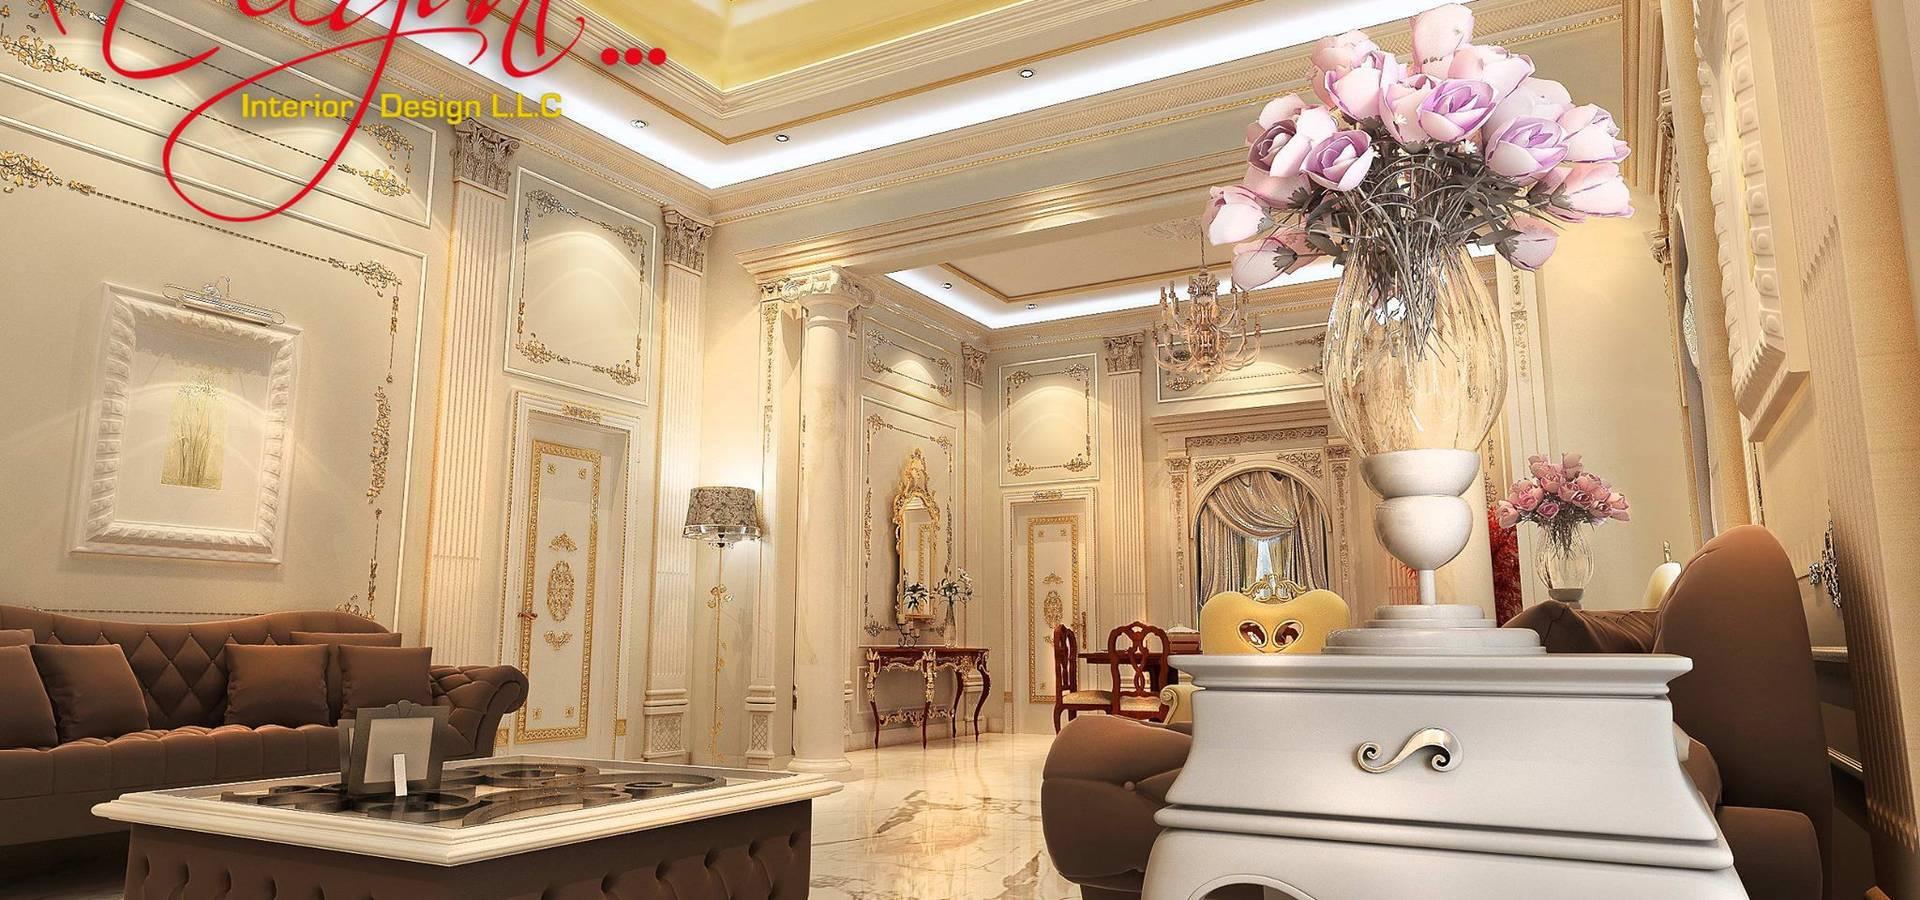 elegant interior design llc